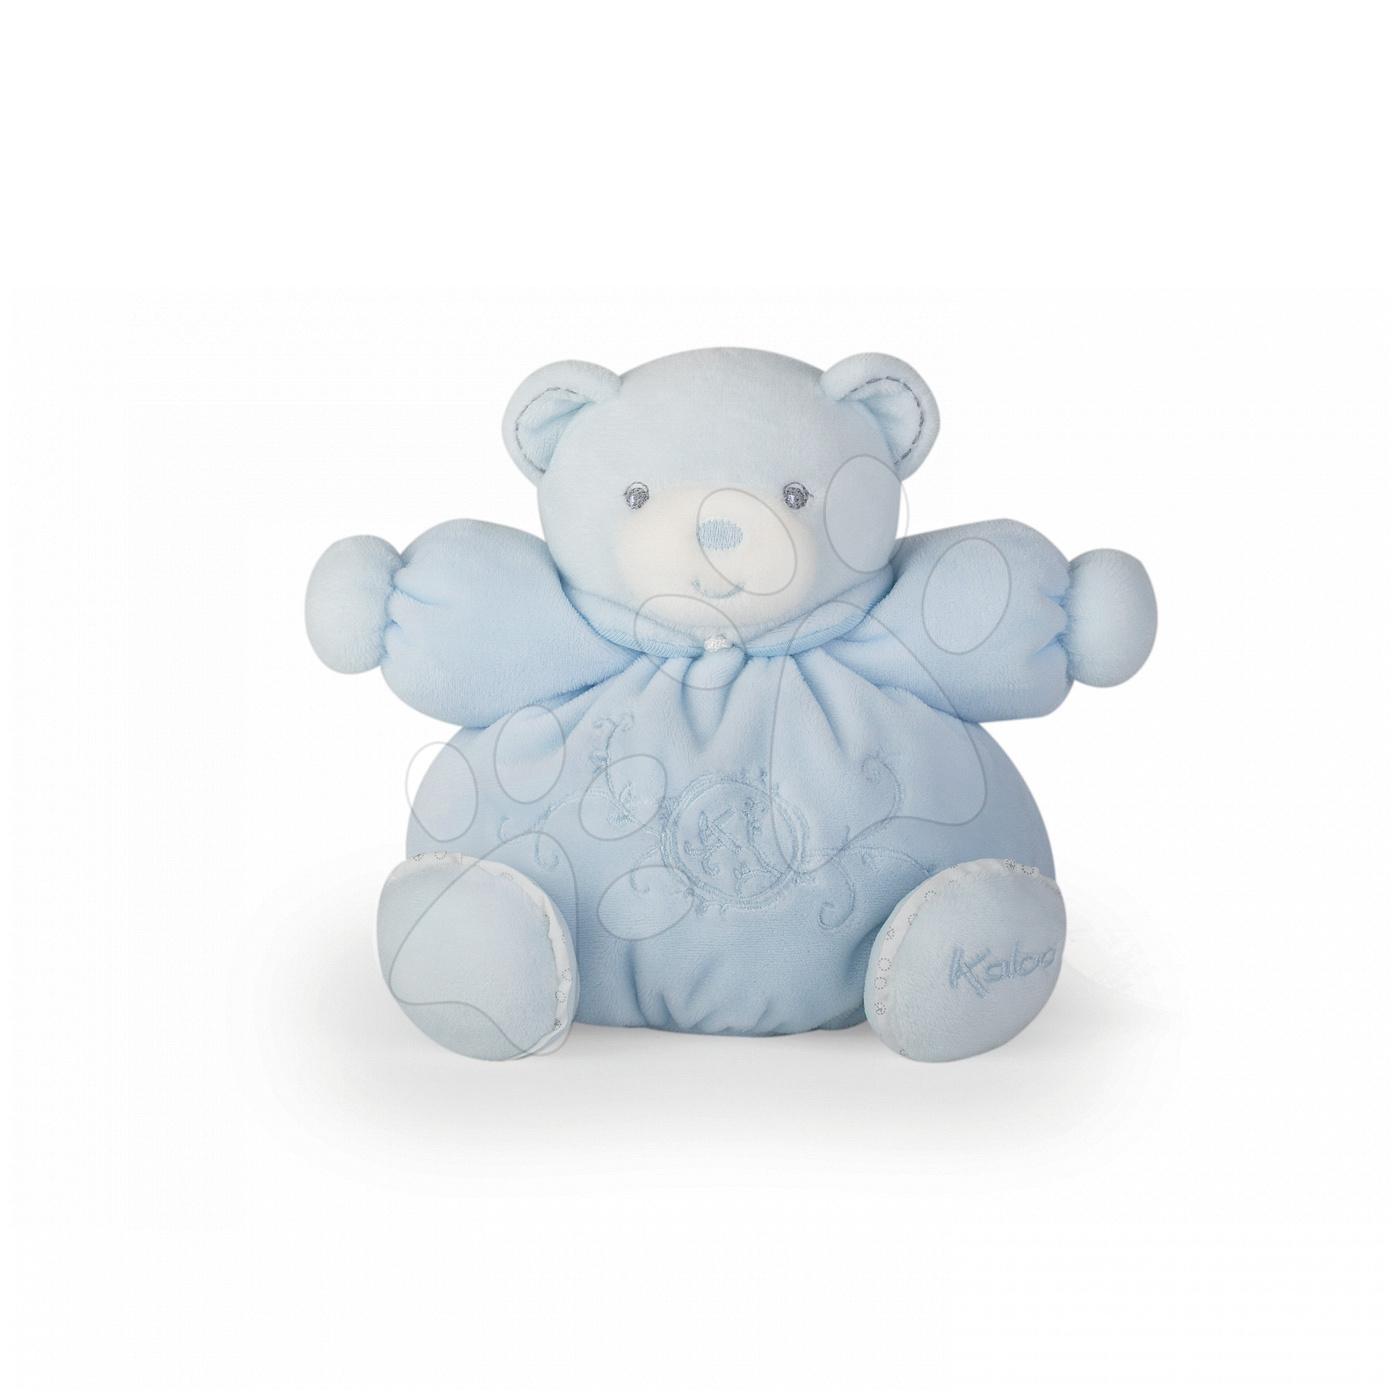 Plyšový medvídek Perle-Chubby Bear Kaloo 18 cm v dárkovém balení pro nejmenší modrý